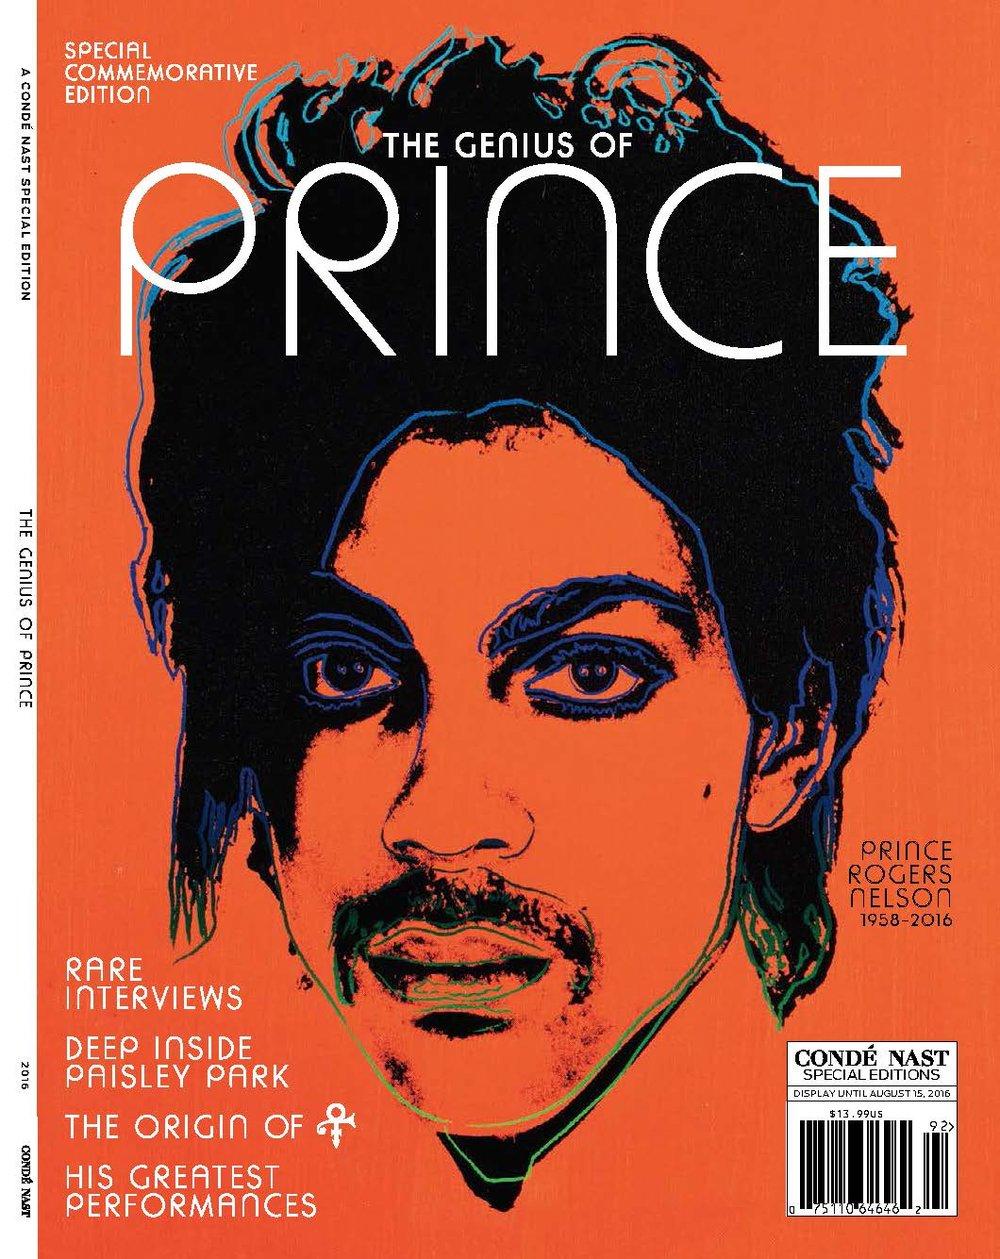 the_genius_of_prince.jpg